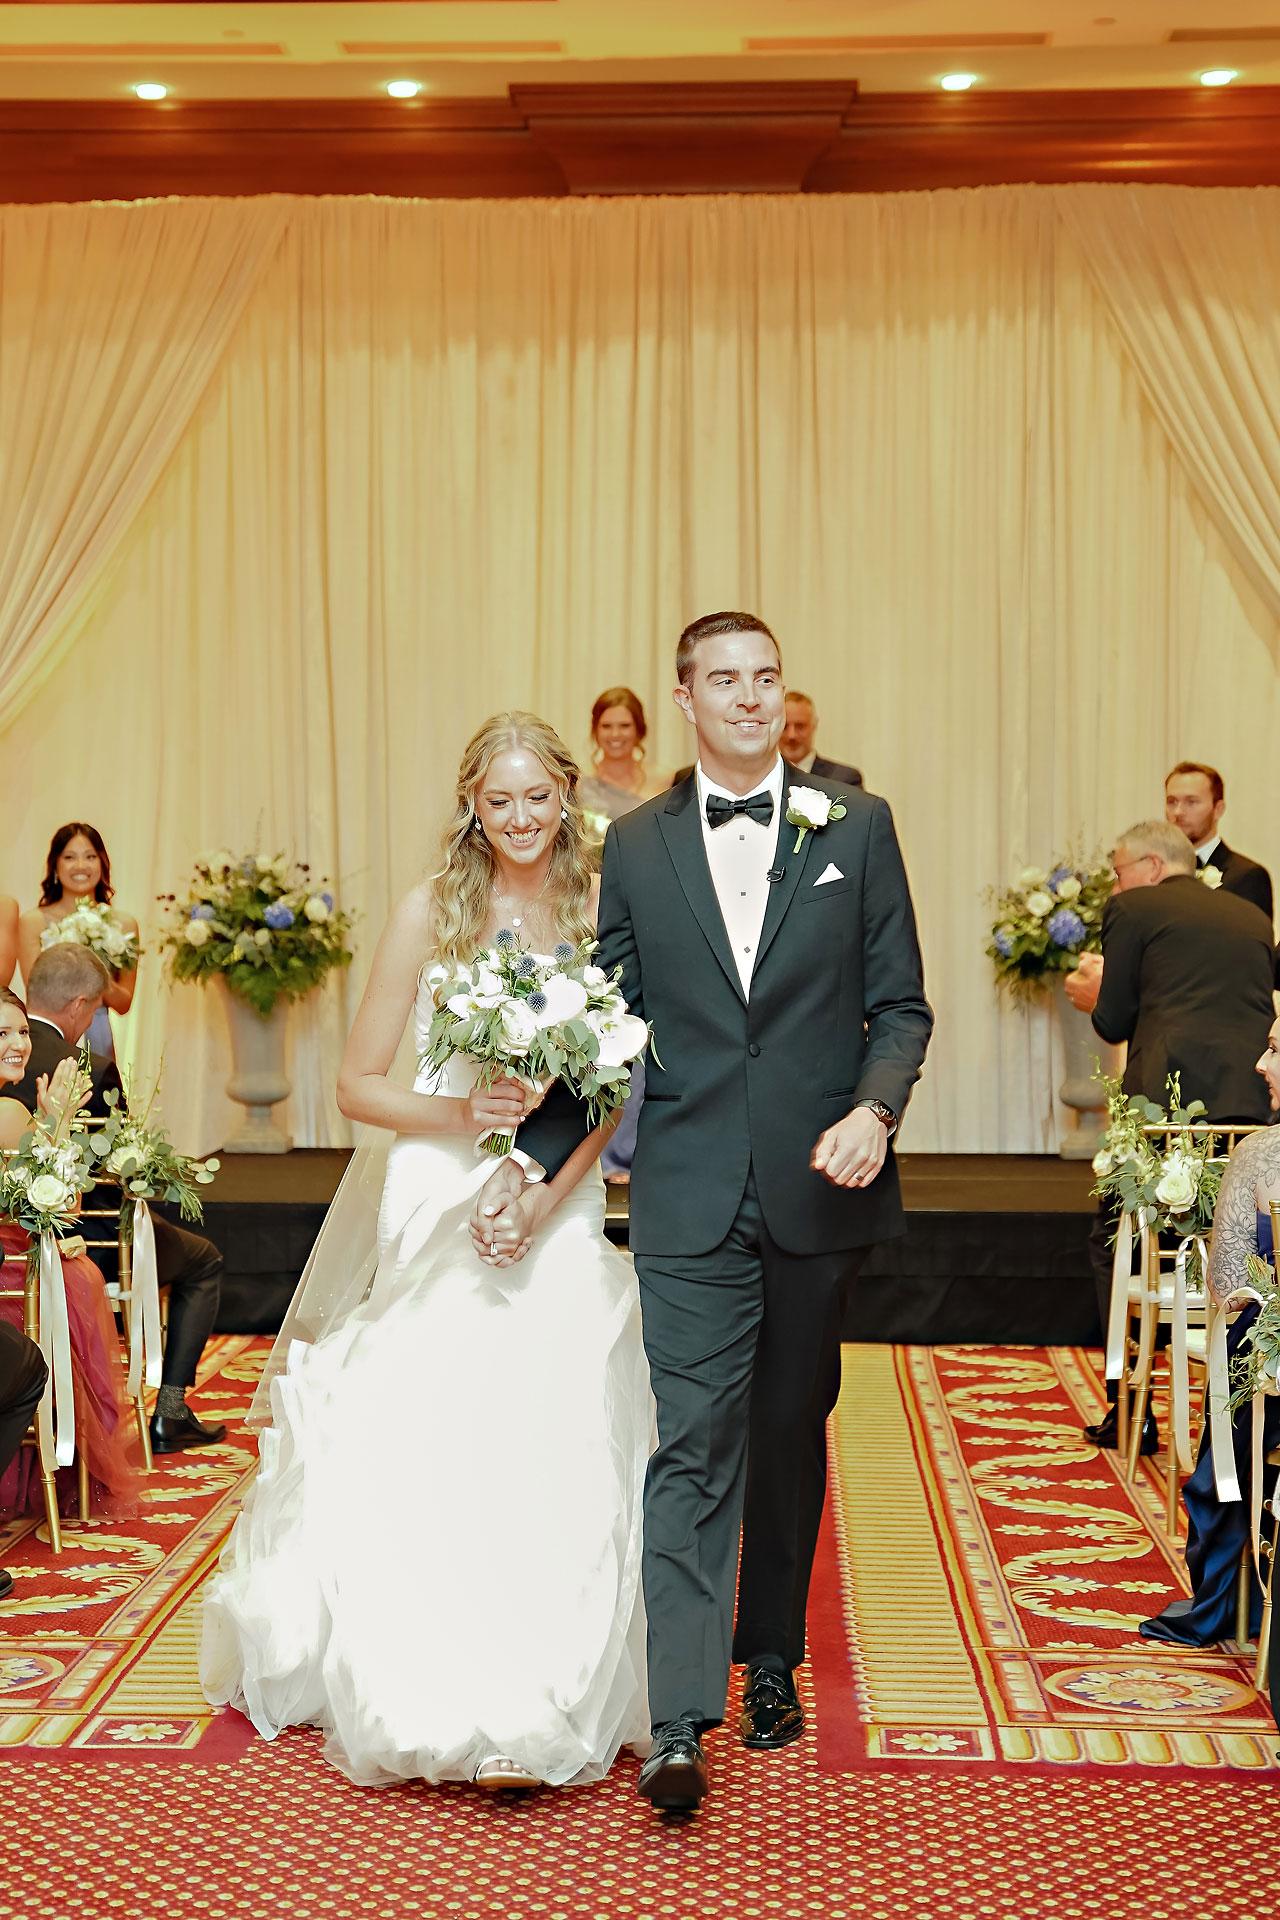 Liz Zach Conrad Artsgarden Indianapolis Wedding 199